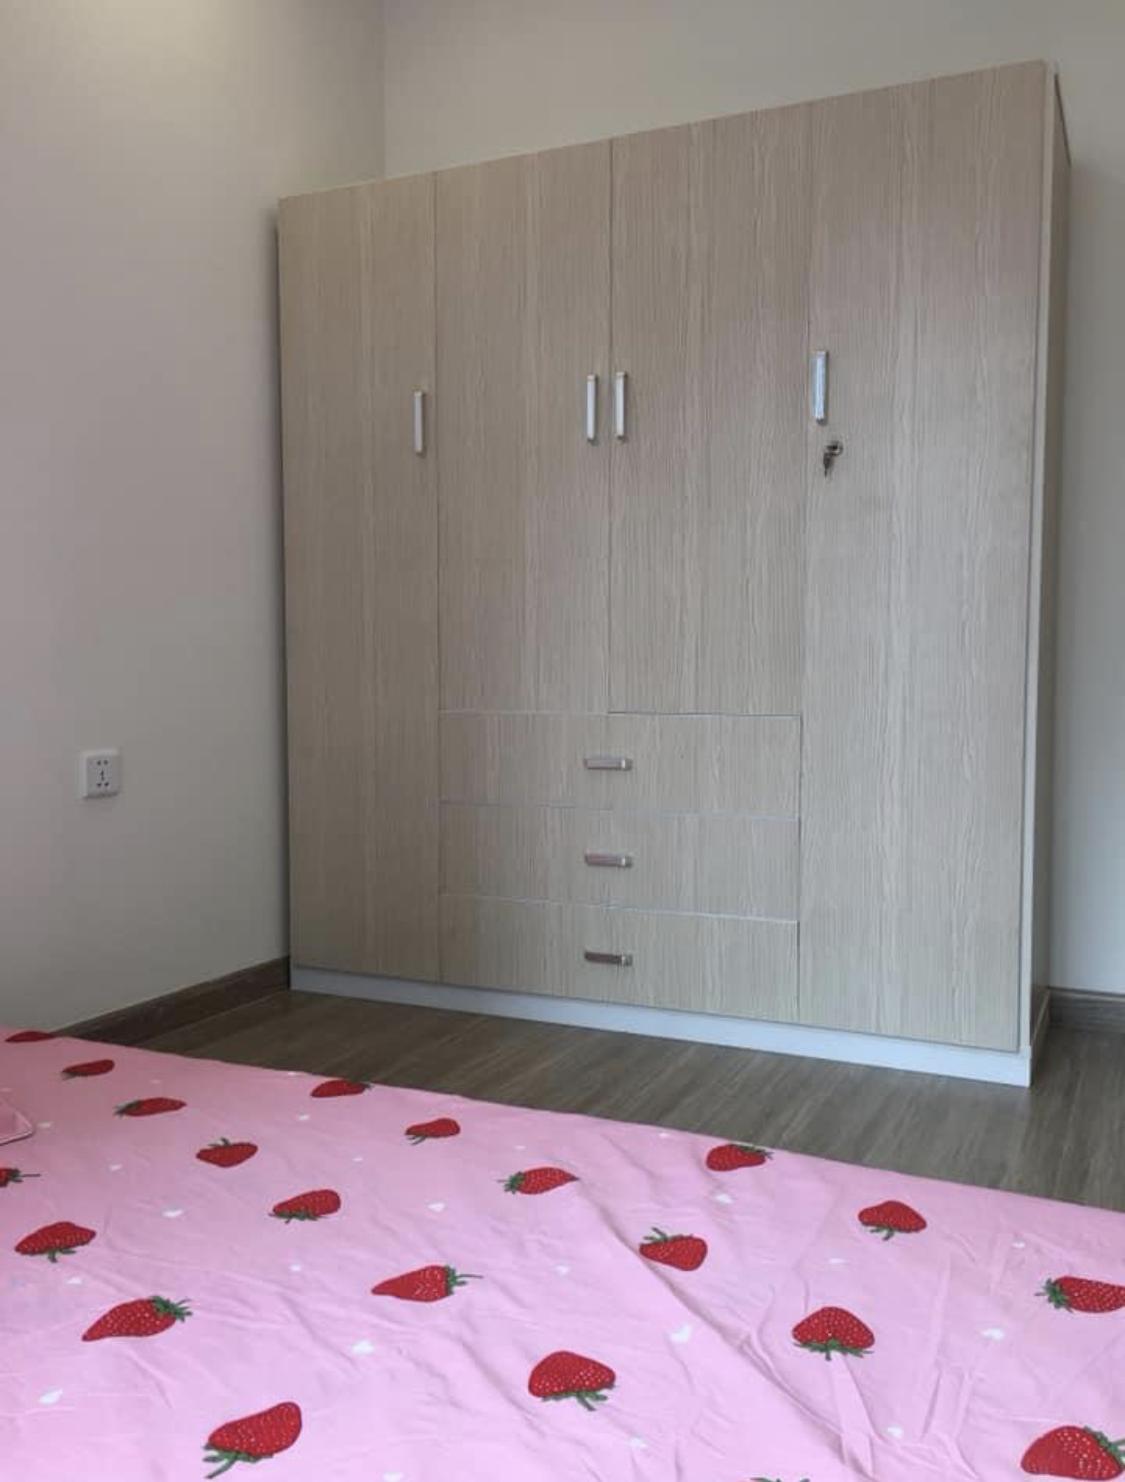 cho thuê Căn hộ 2 phòng ngủ 1 Toilet S5.02 Vinhomes Grand Park 7